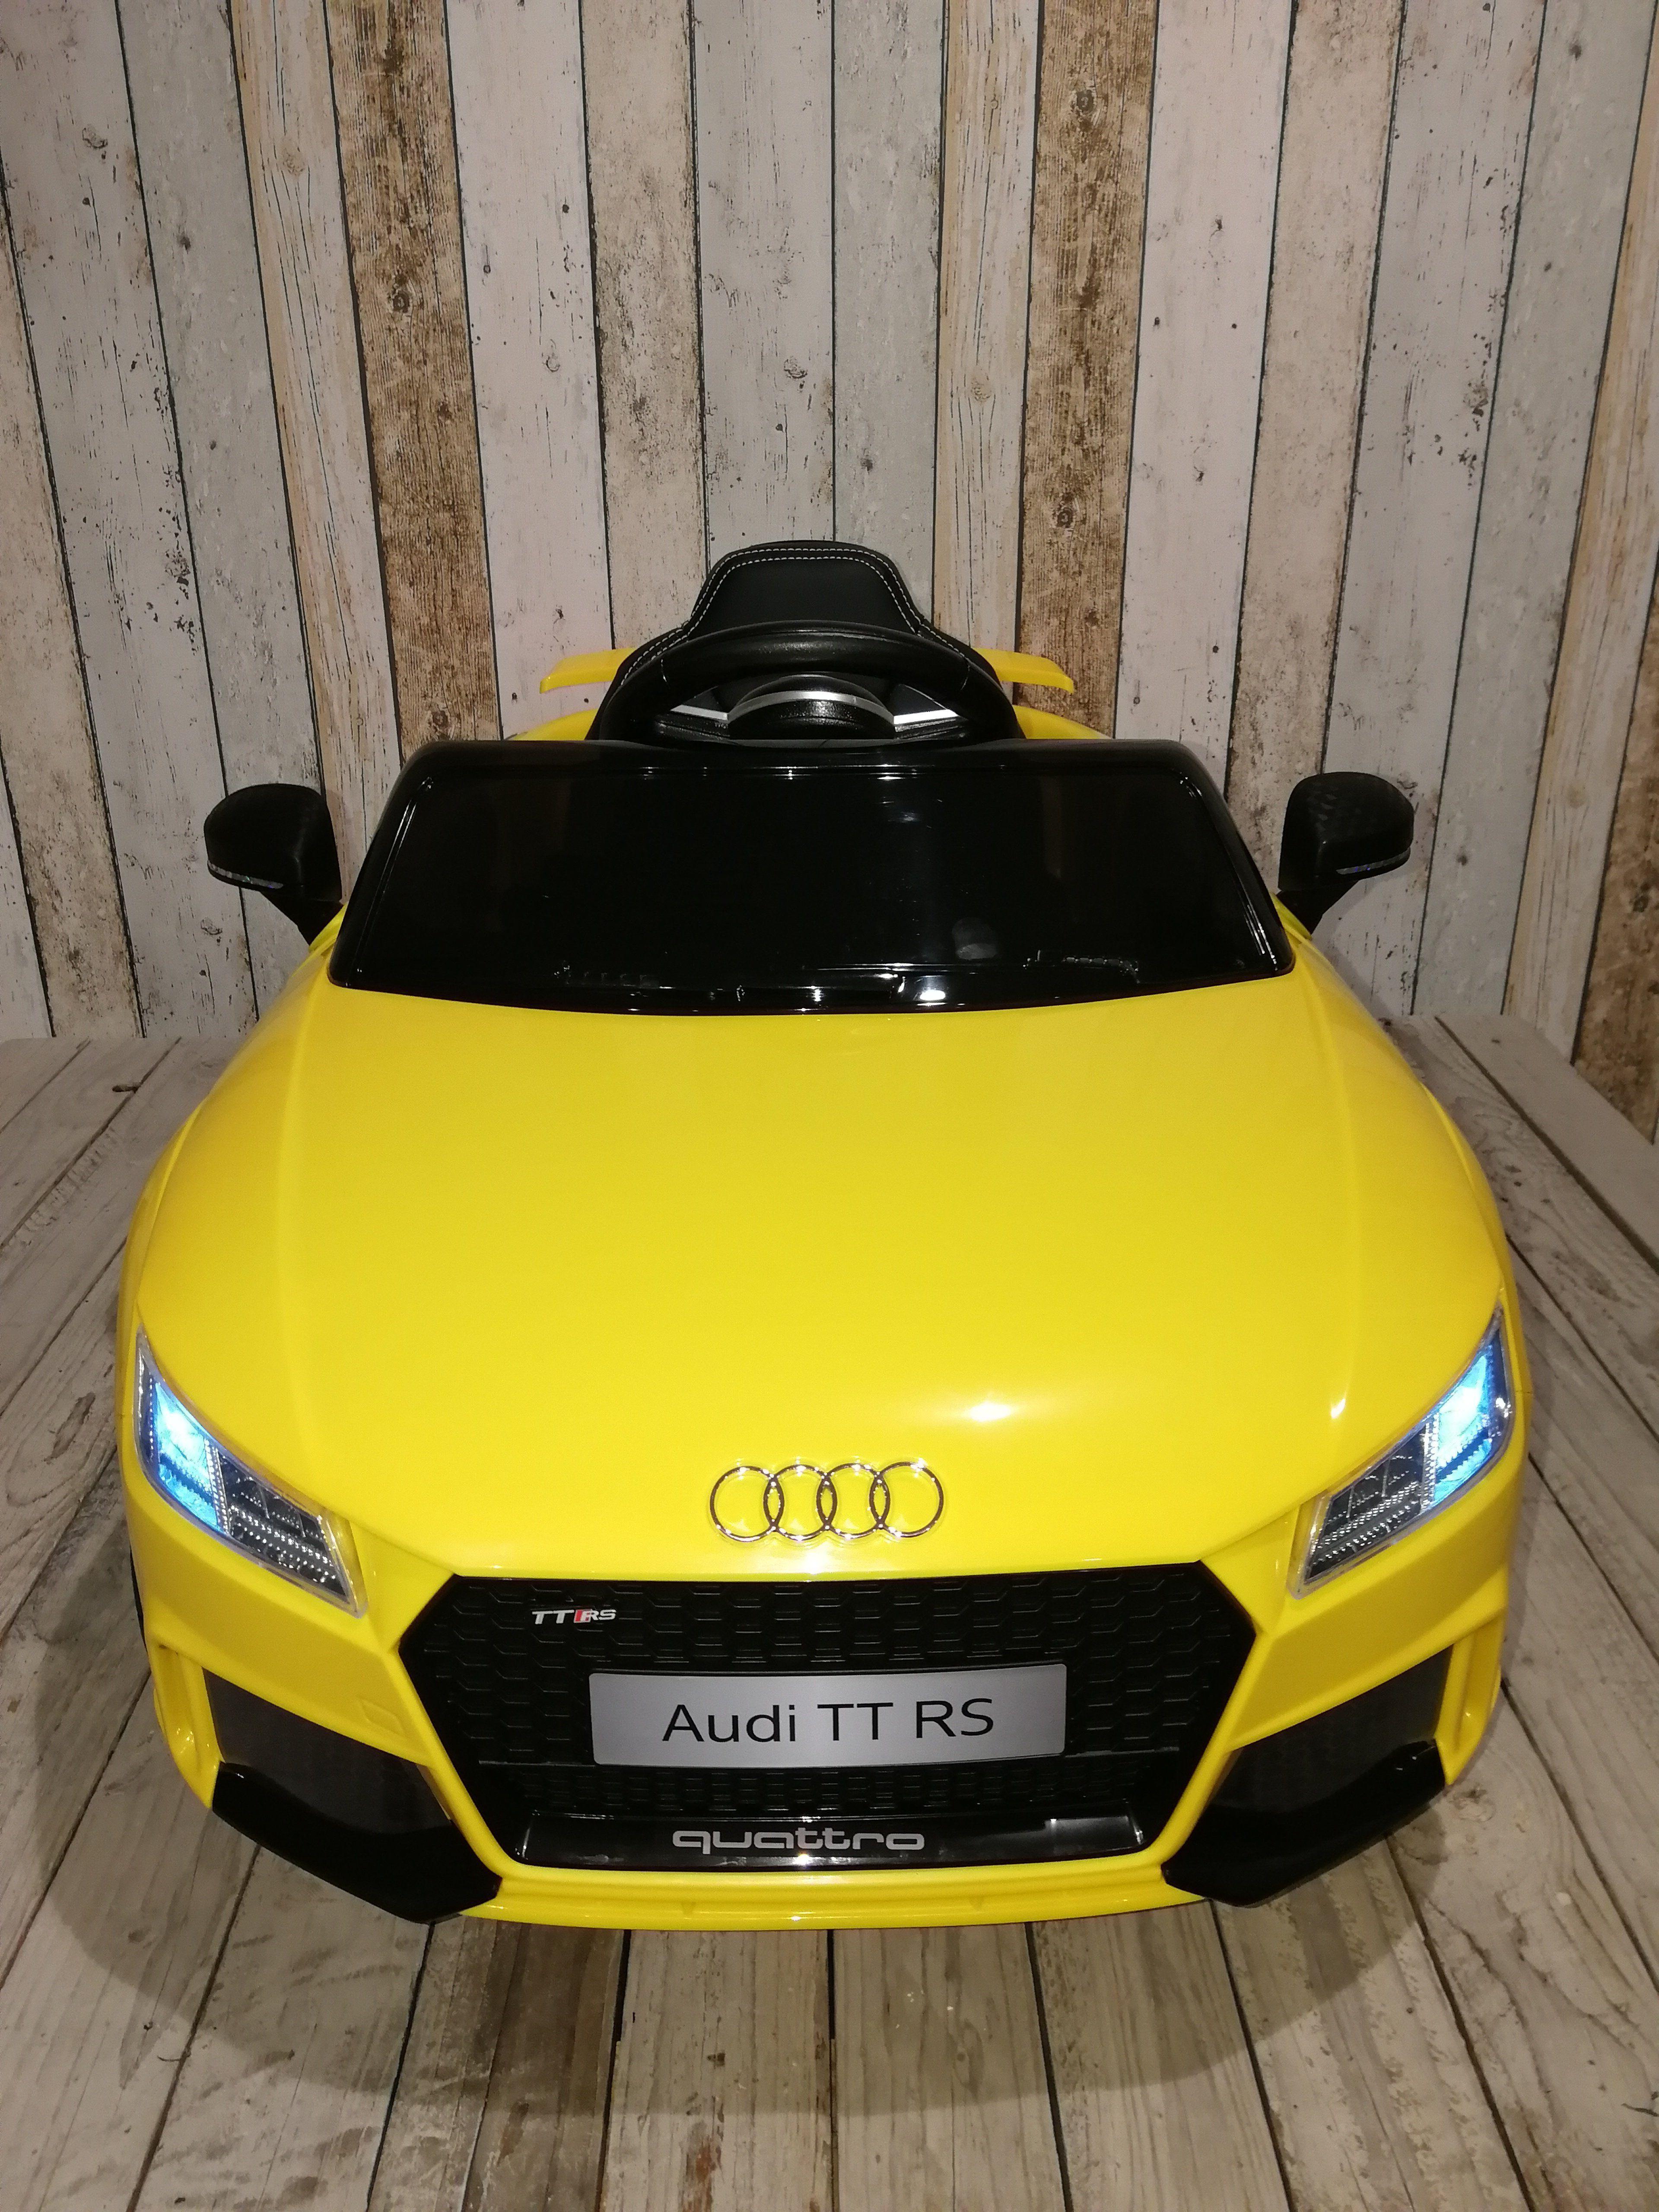 Met Rs Kinderauto Audi Zitjespeelgoedauto Geel Tt 12v Lederen H9DEIW2Y